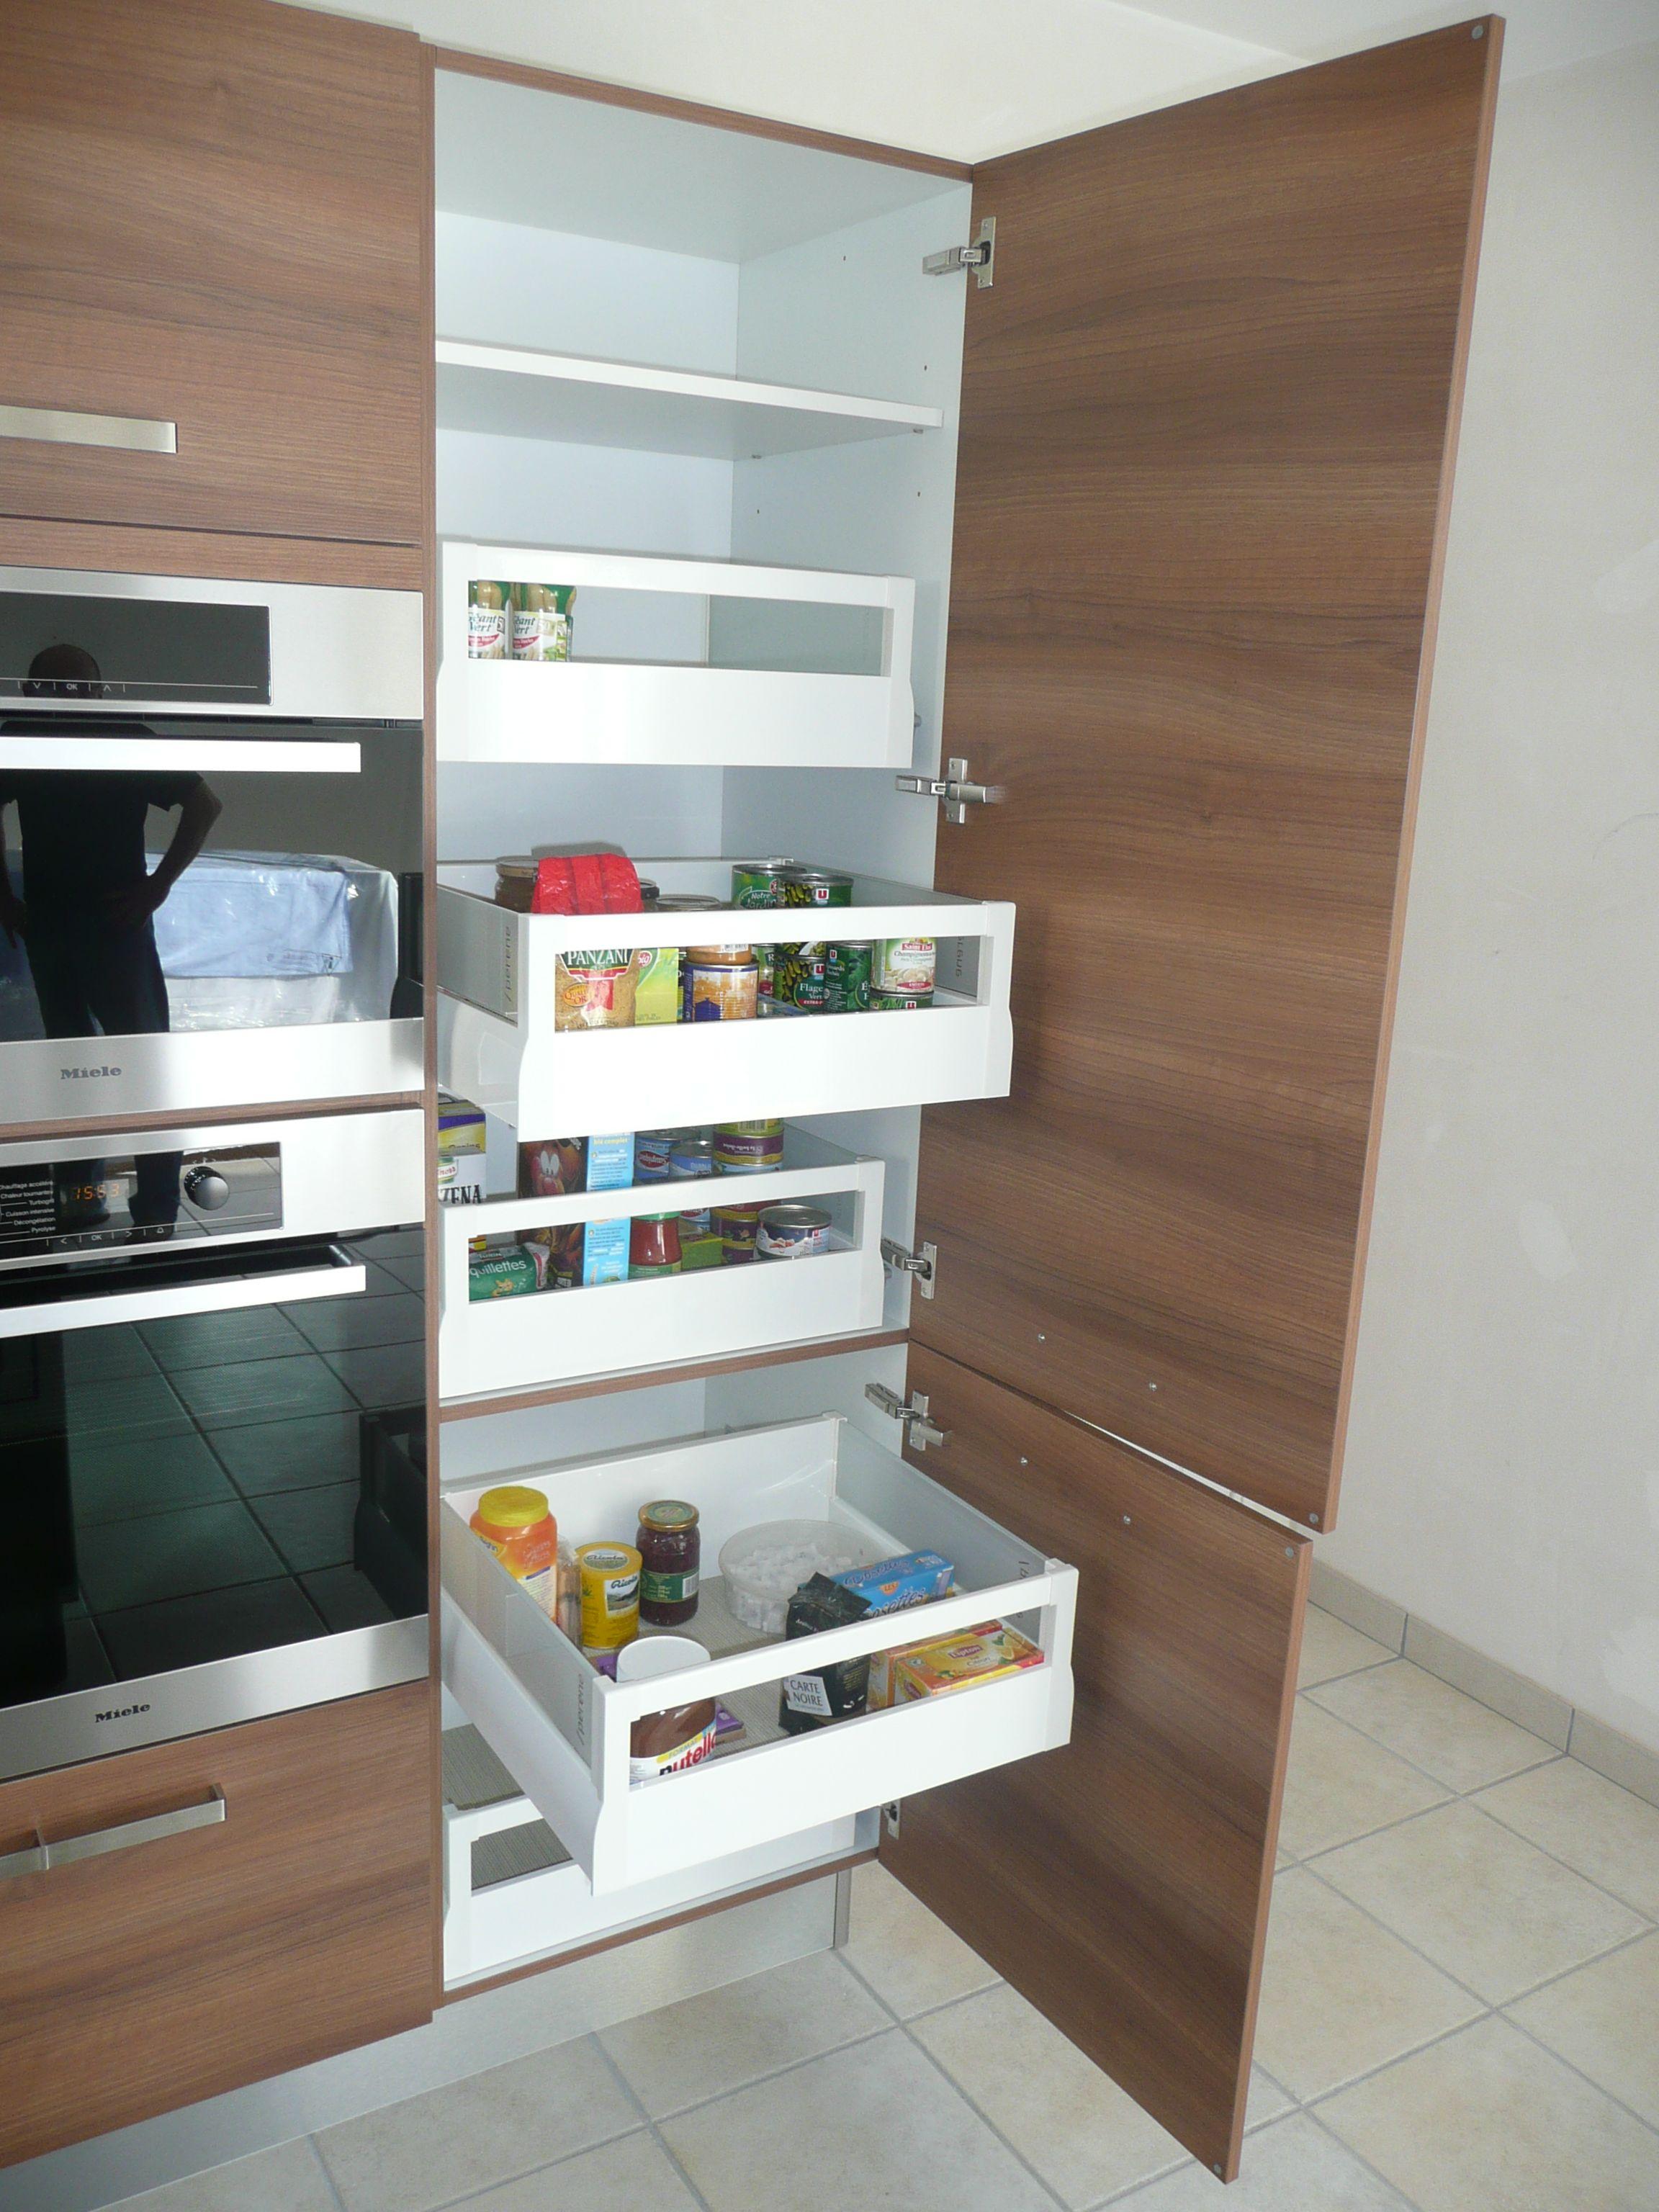 tiroirs coulissants pour rangement de l 39 alimentaire dans un meuble colonne de cuisine cuisine. Black Bedroom Furniture Sets. Home Design Ideas